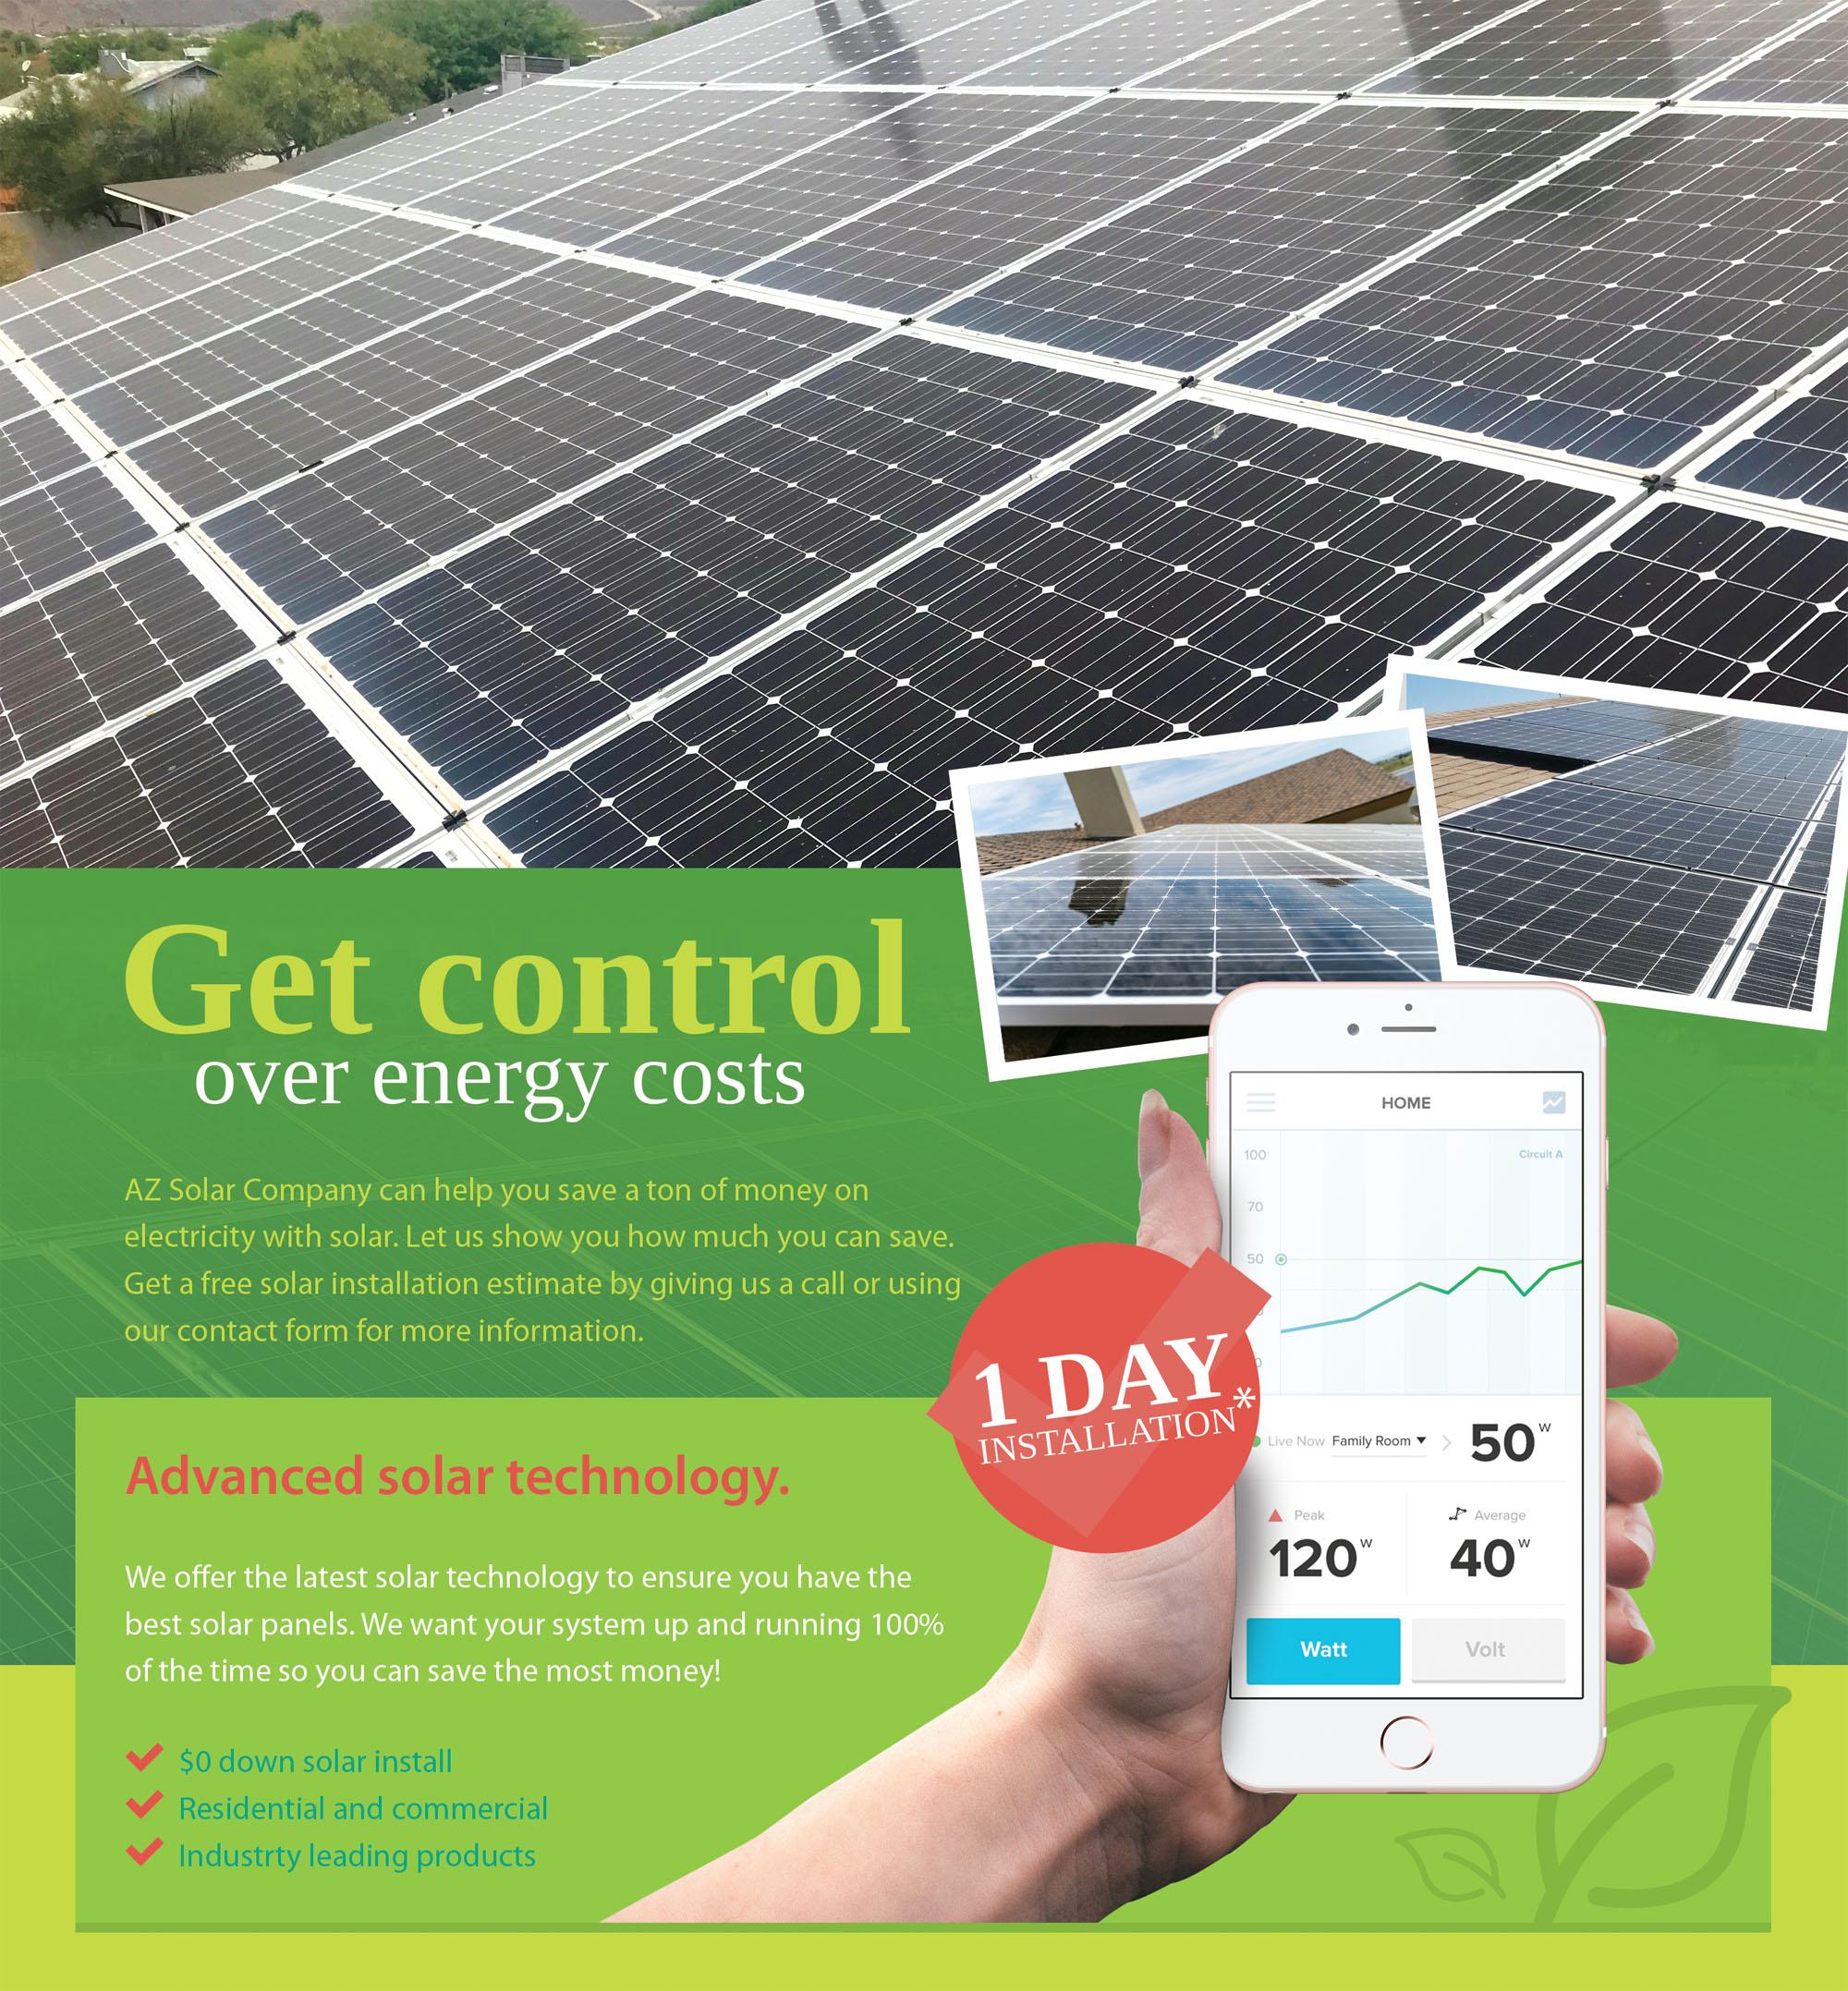 AZ Solar Company